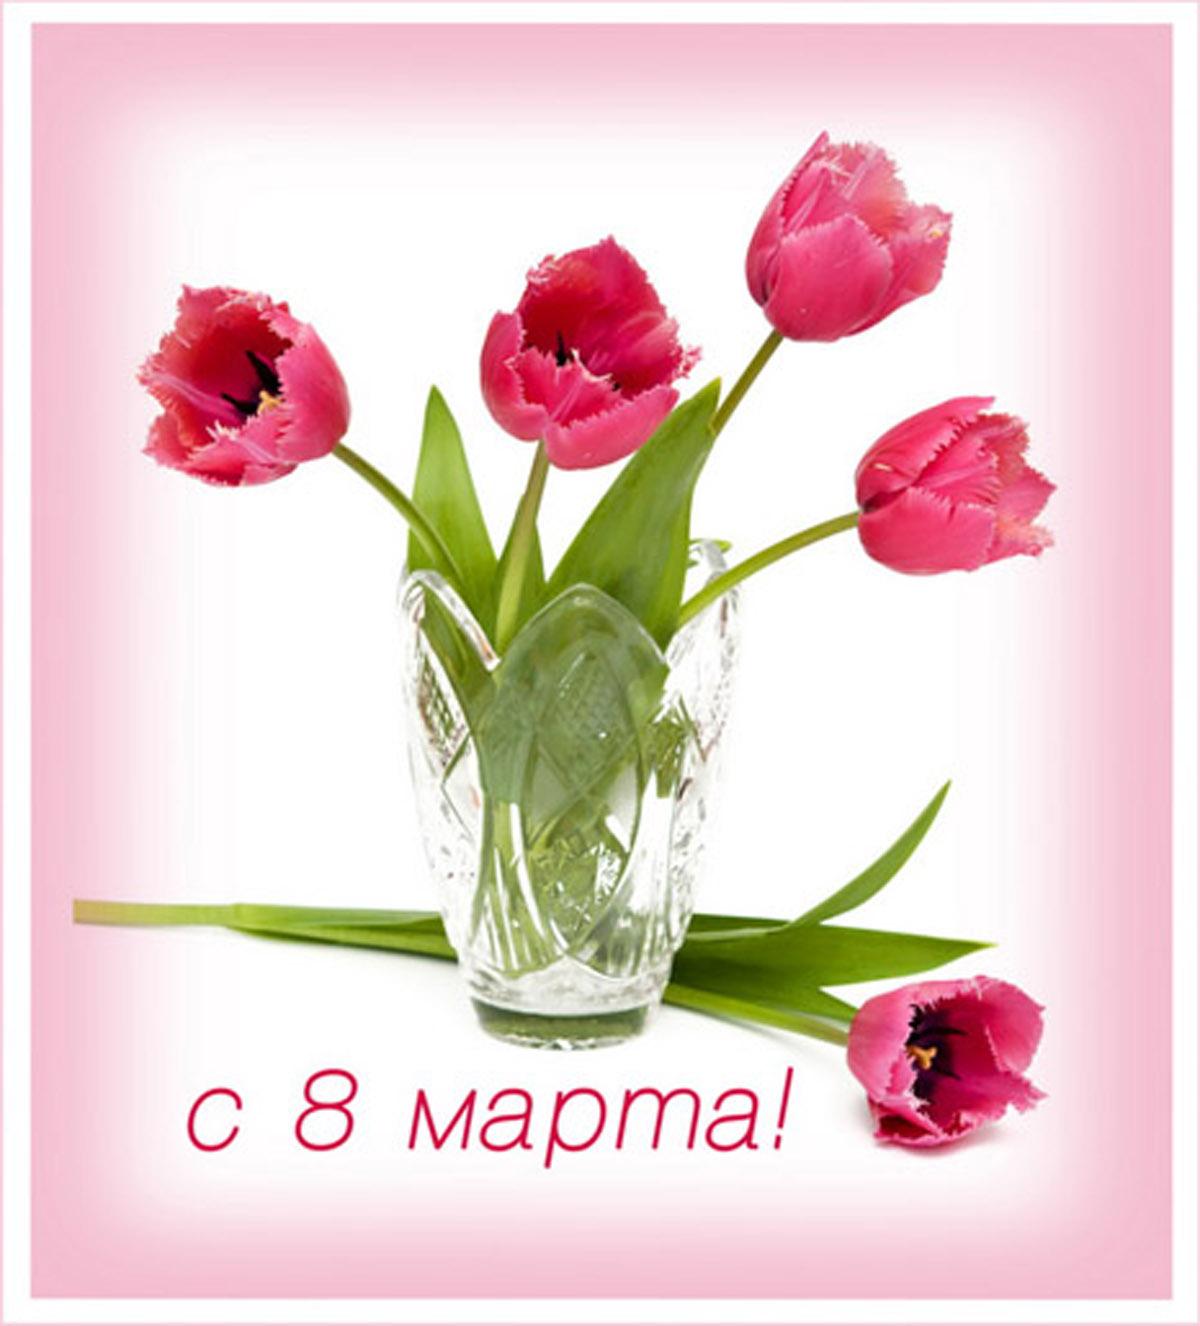 Дорогие женщины, девушки и девочки! Поздравляем Вас с 8 марта